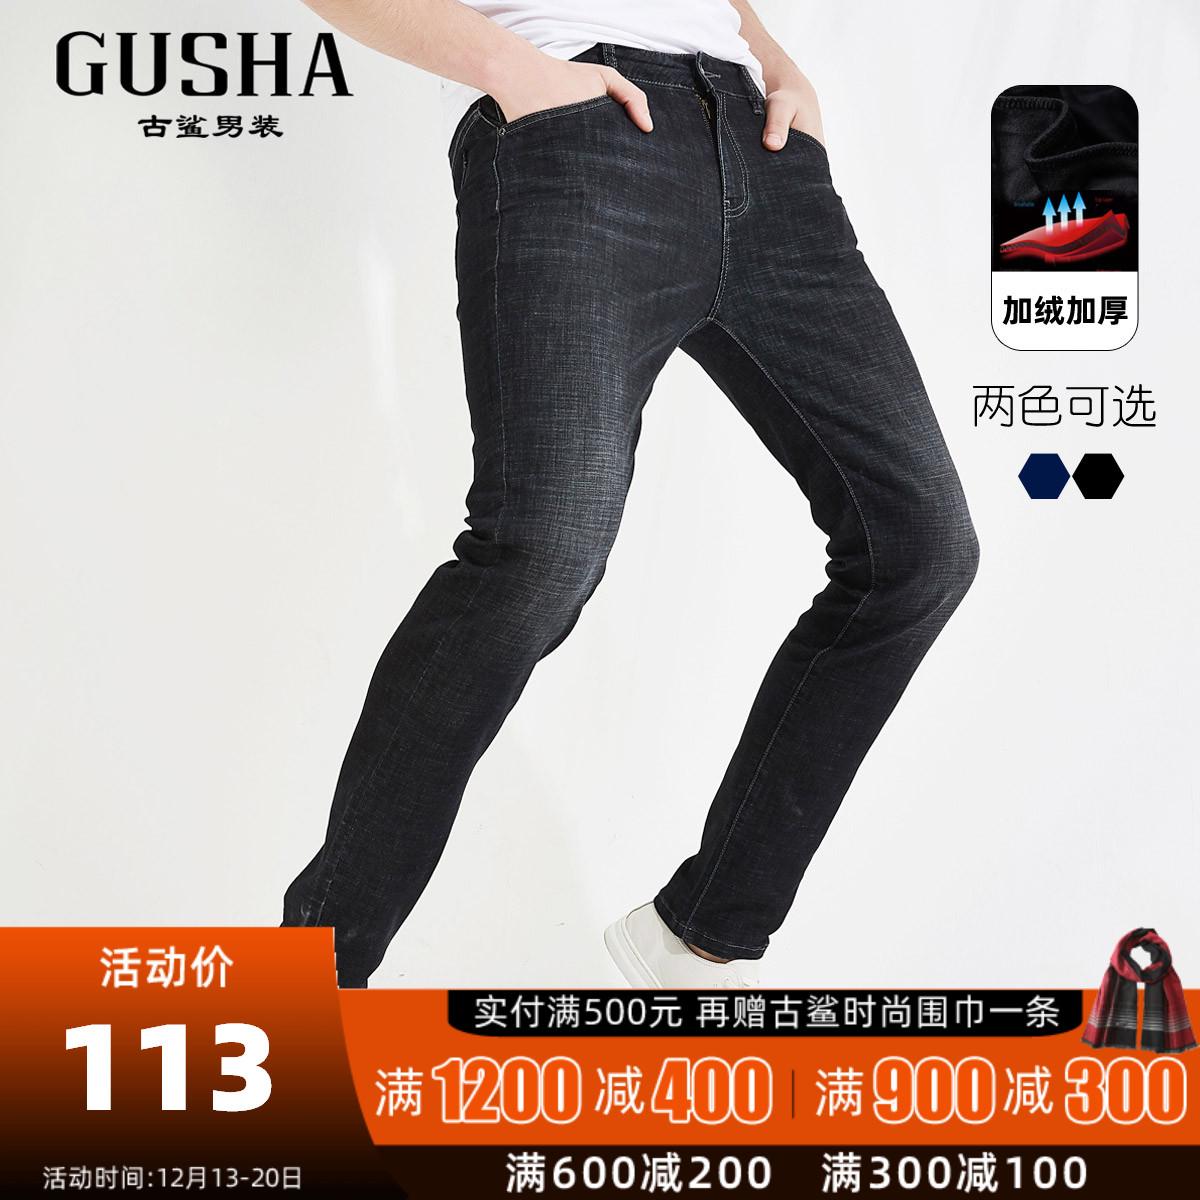 古鲨男装旗舰店官方冬季新款 黑色弹力牛仔裤 修身小脚裤08848385